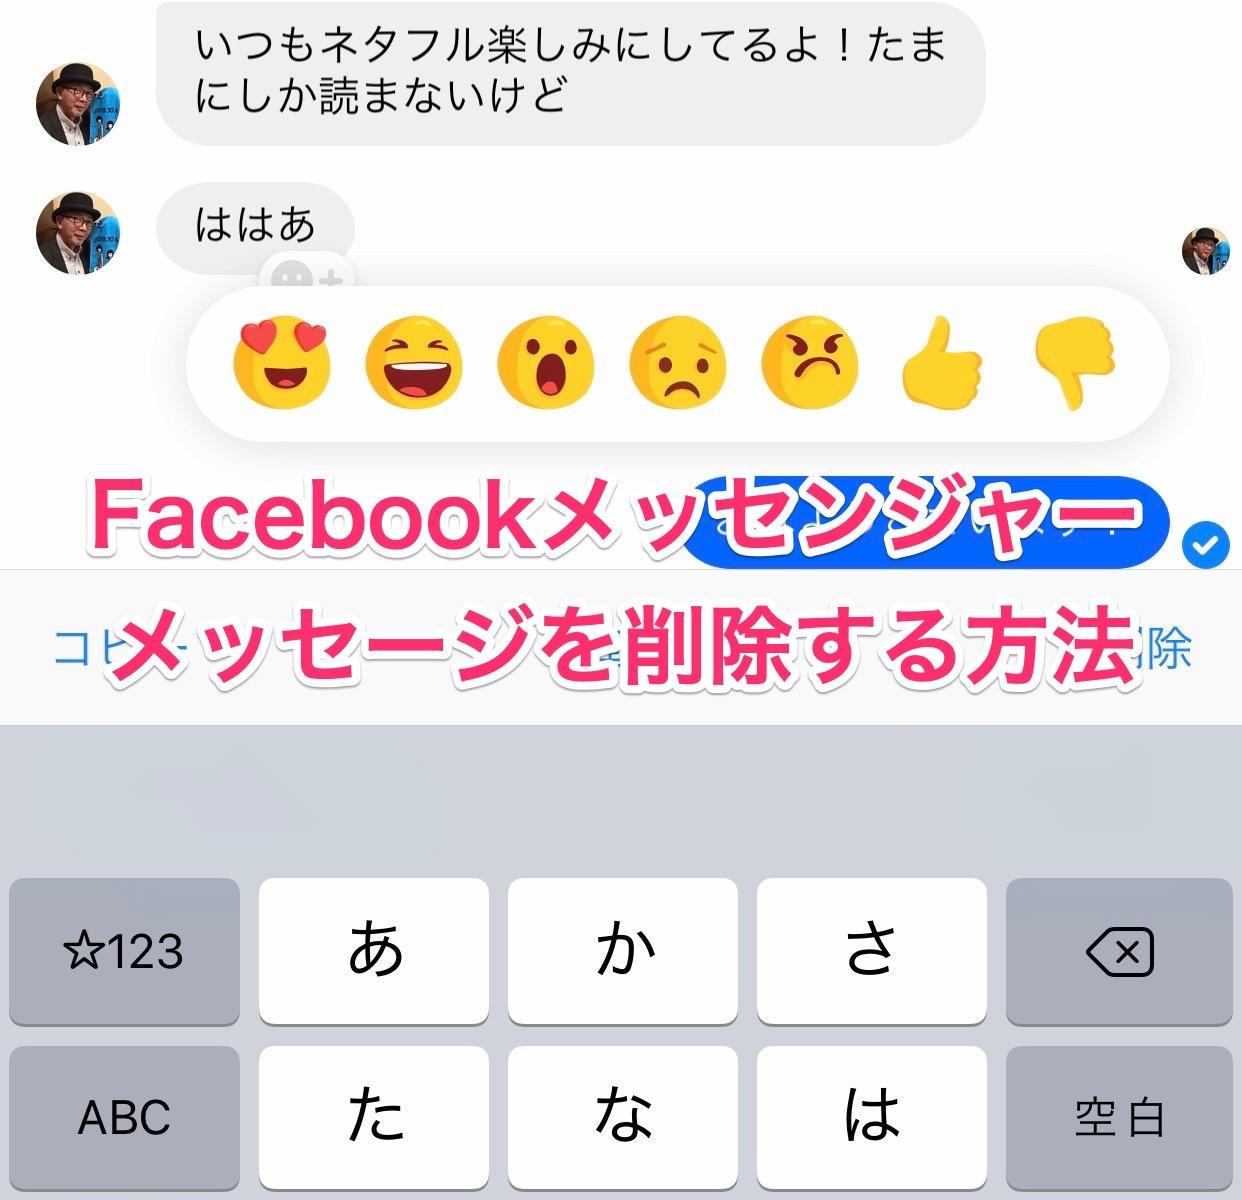 【Facebookメッセンジャー】送信したメッセージを削除する方法